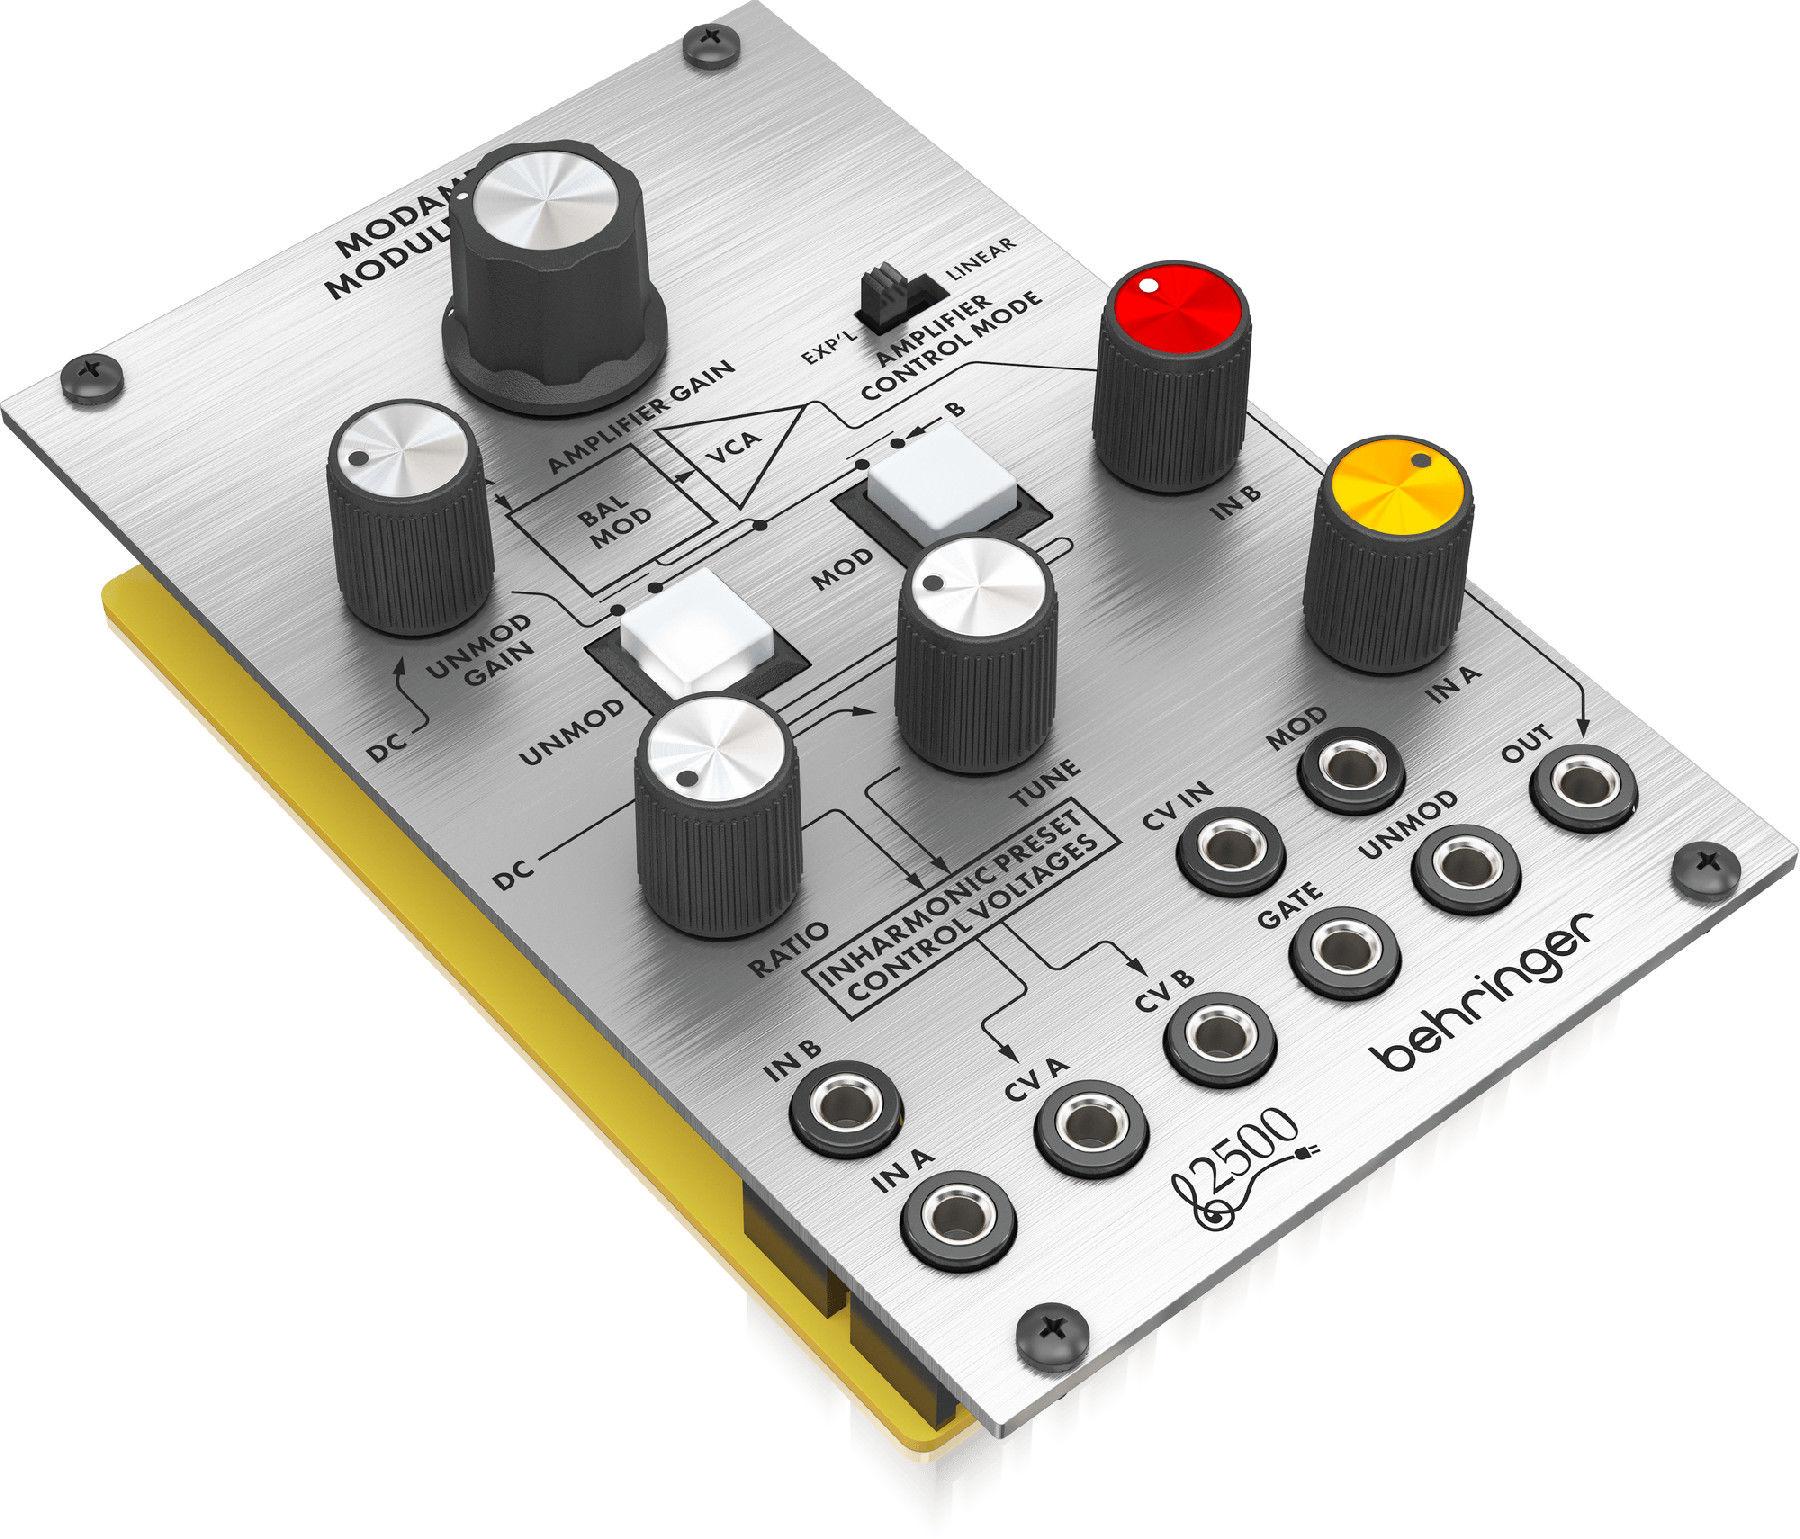 Behringer 1005 MODAMP MODULE - Moduł syntezatora modularnego serii 2500 I Expresowa wysyłka I 30 dni na zwrot